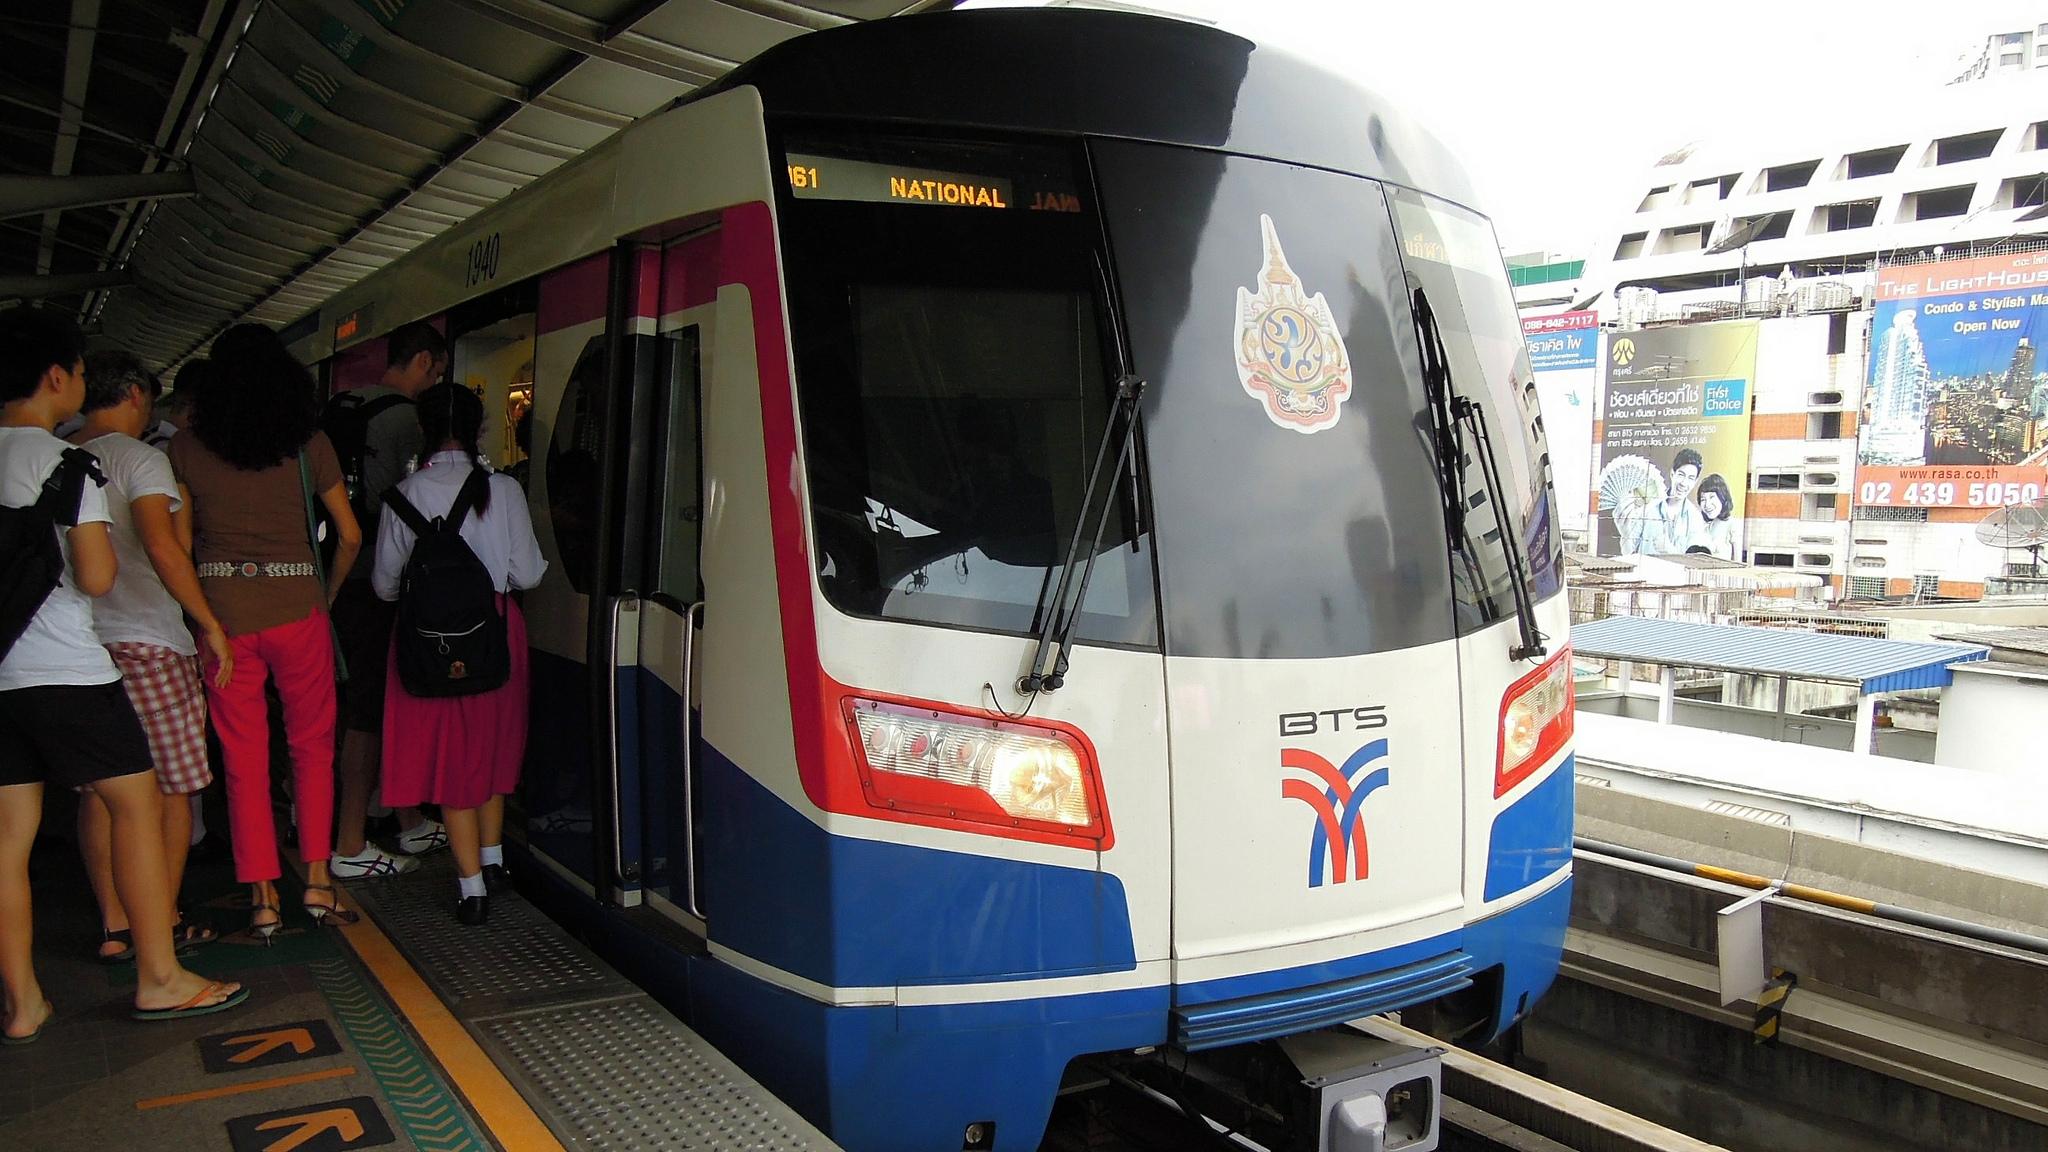 2,65 millions de personnes utilisent quotidiennement les transports en commun de Bangkok